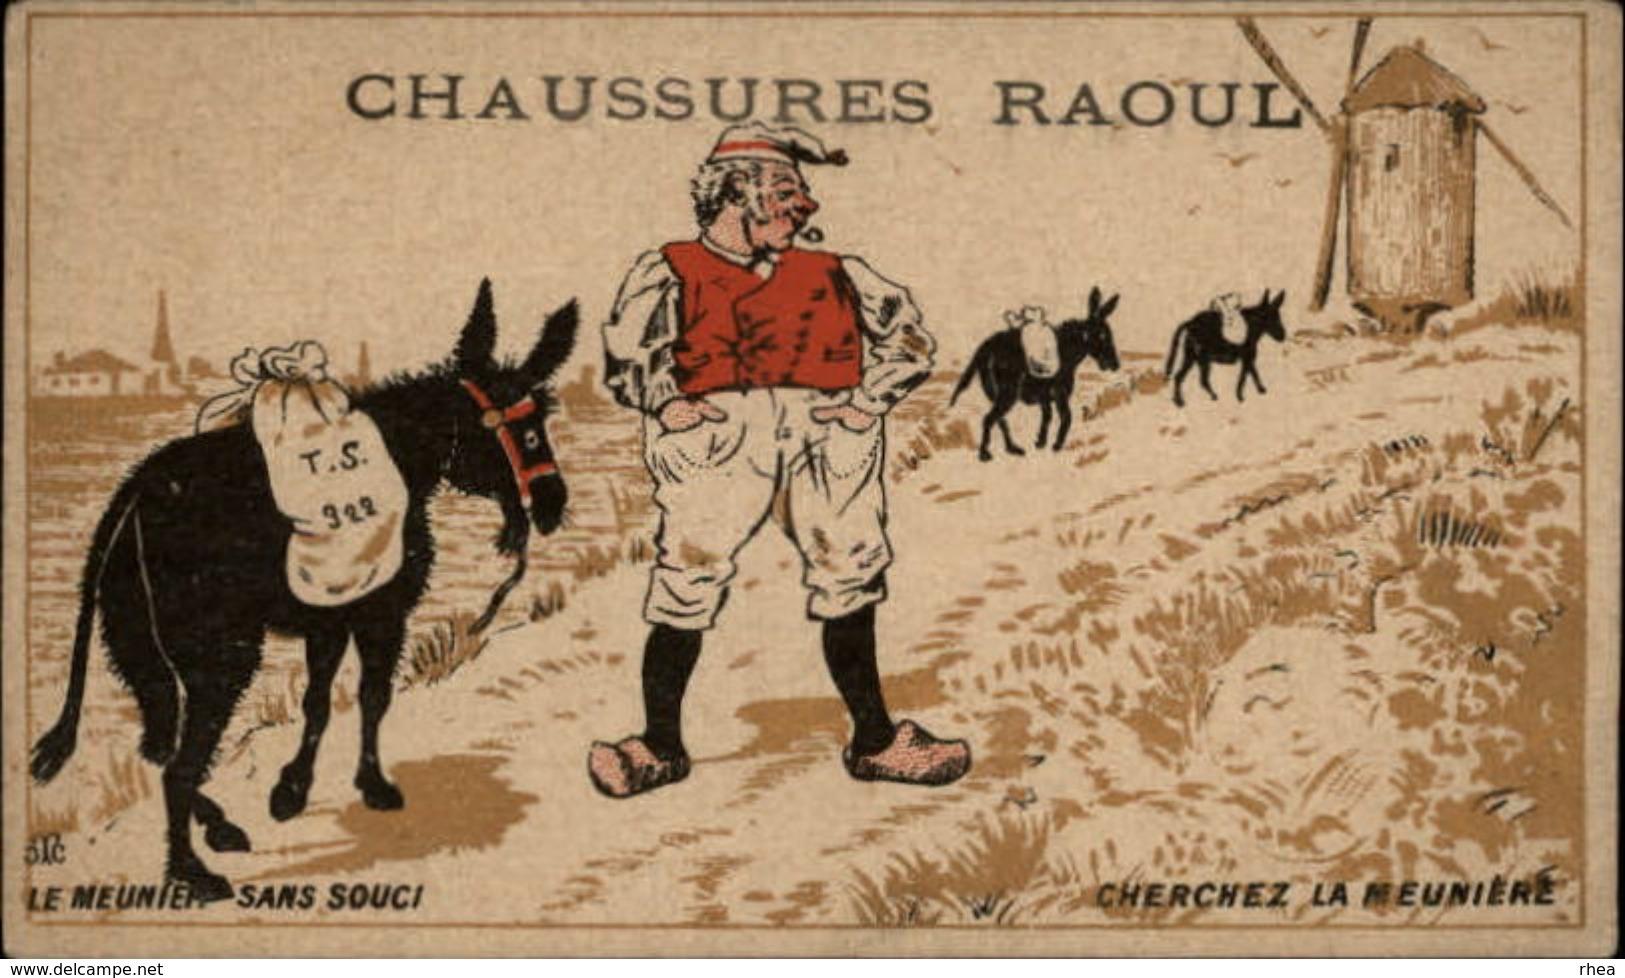 CHROMOS - Pub Pour Chaussures RAOUL à Toulouse - Moulin à Vent - Meunier - Chromos